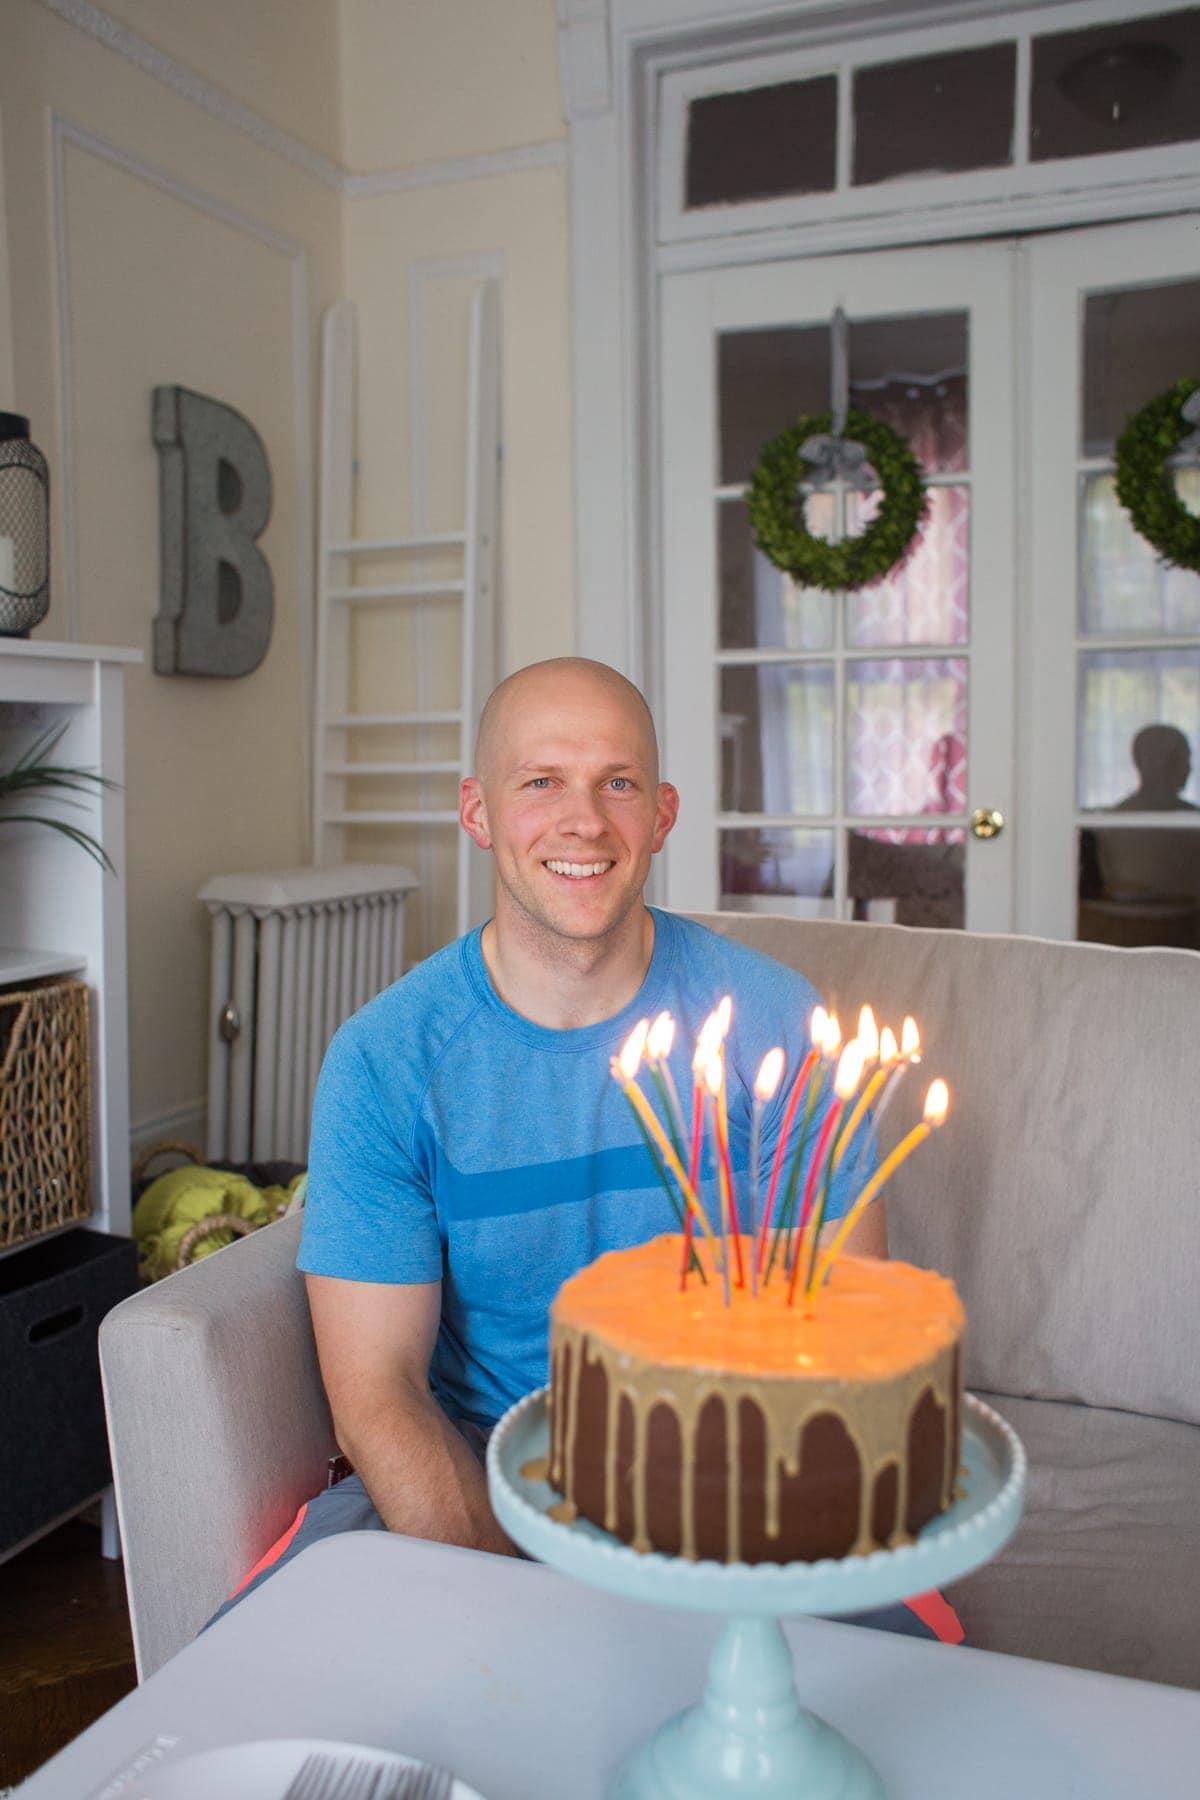 Gordon smiling behind his lit birthday cake